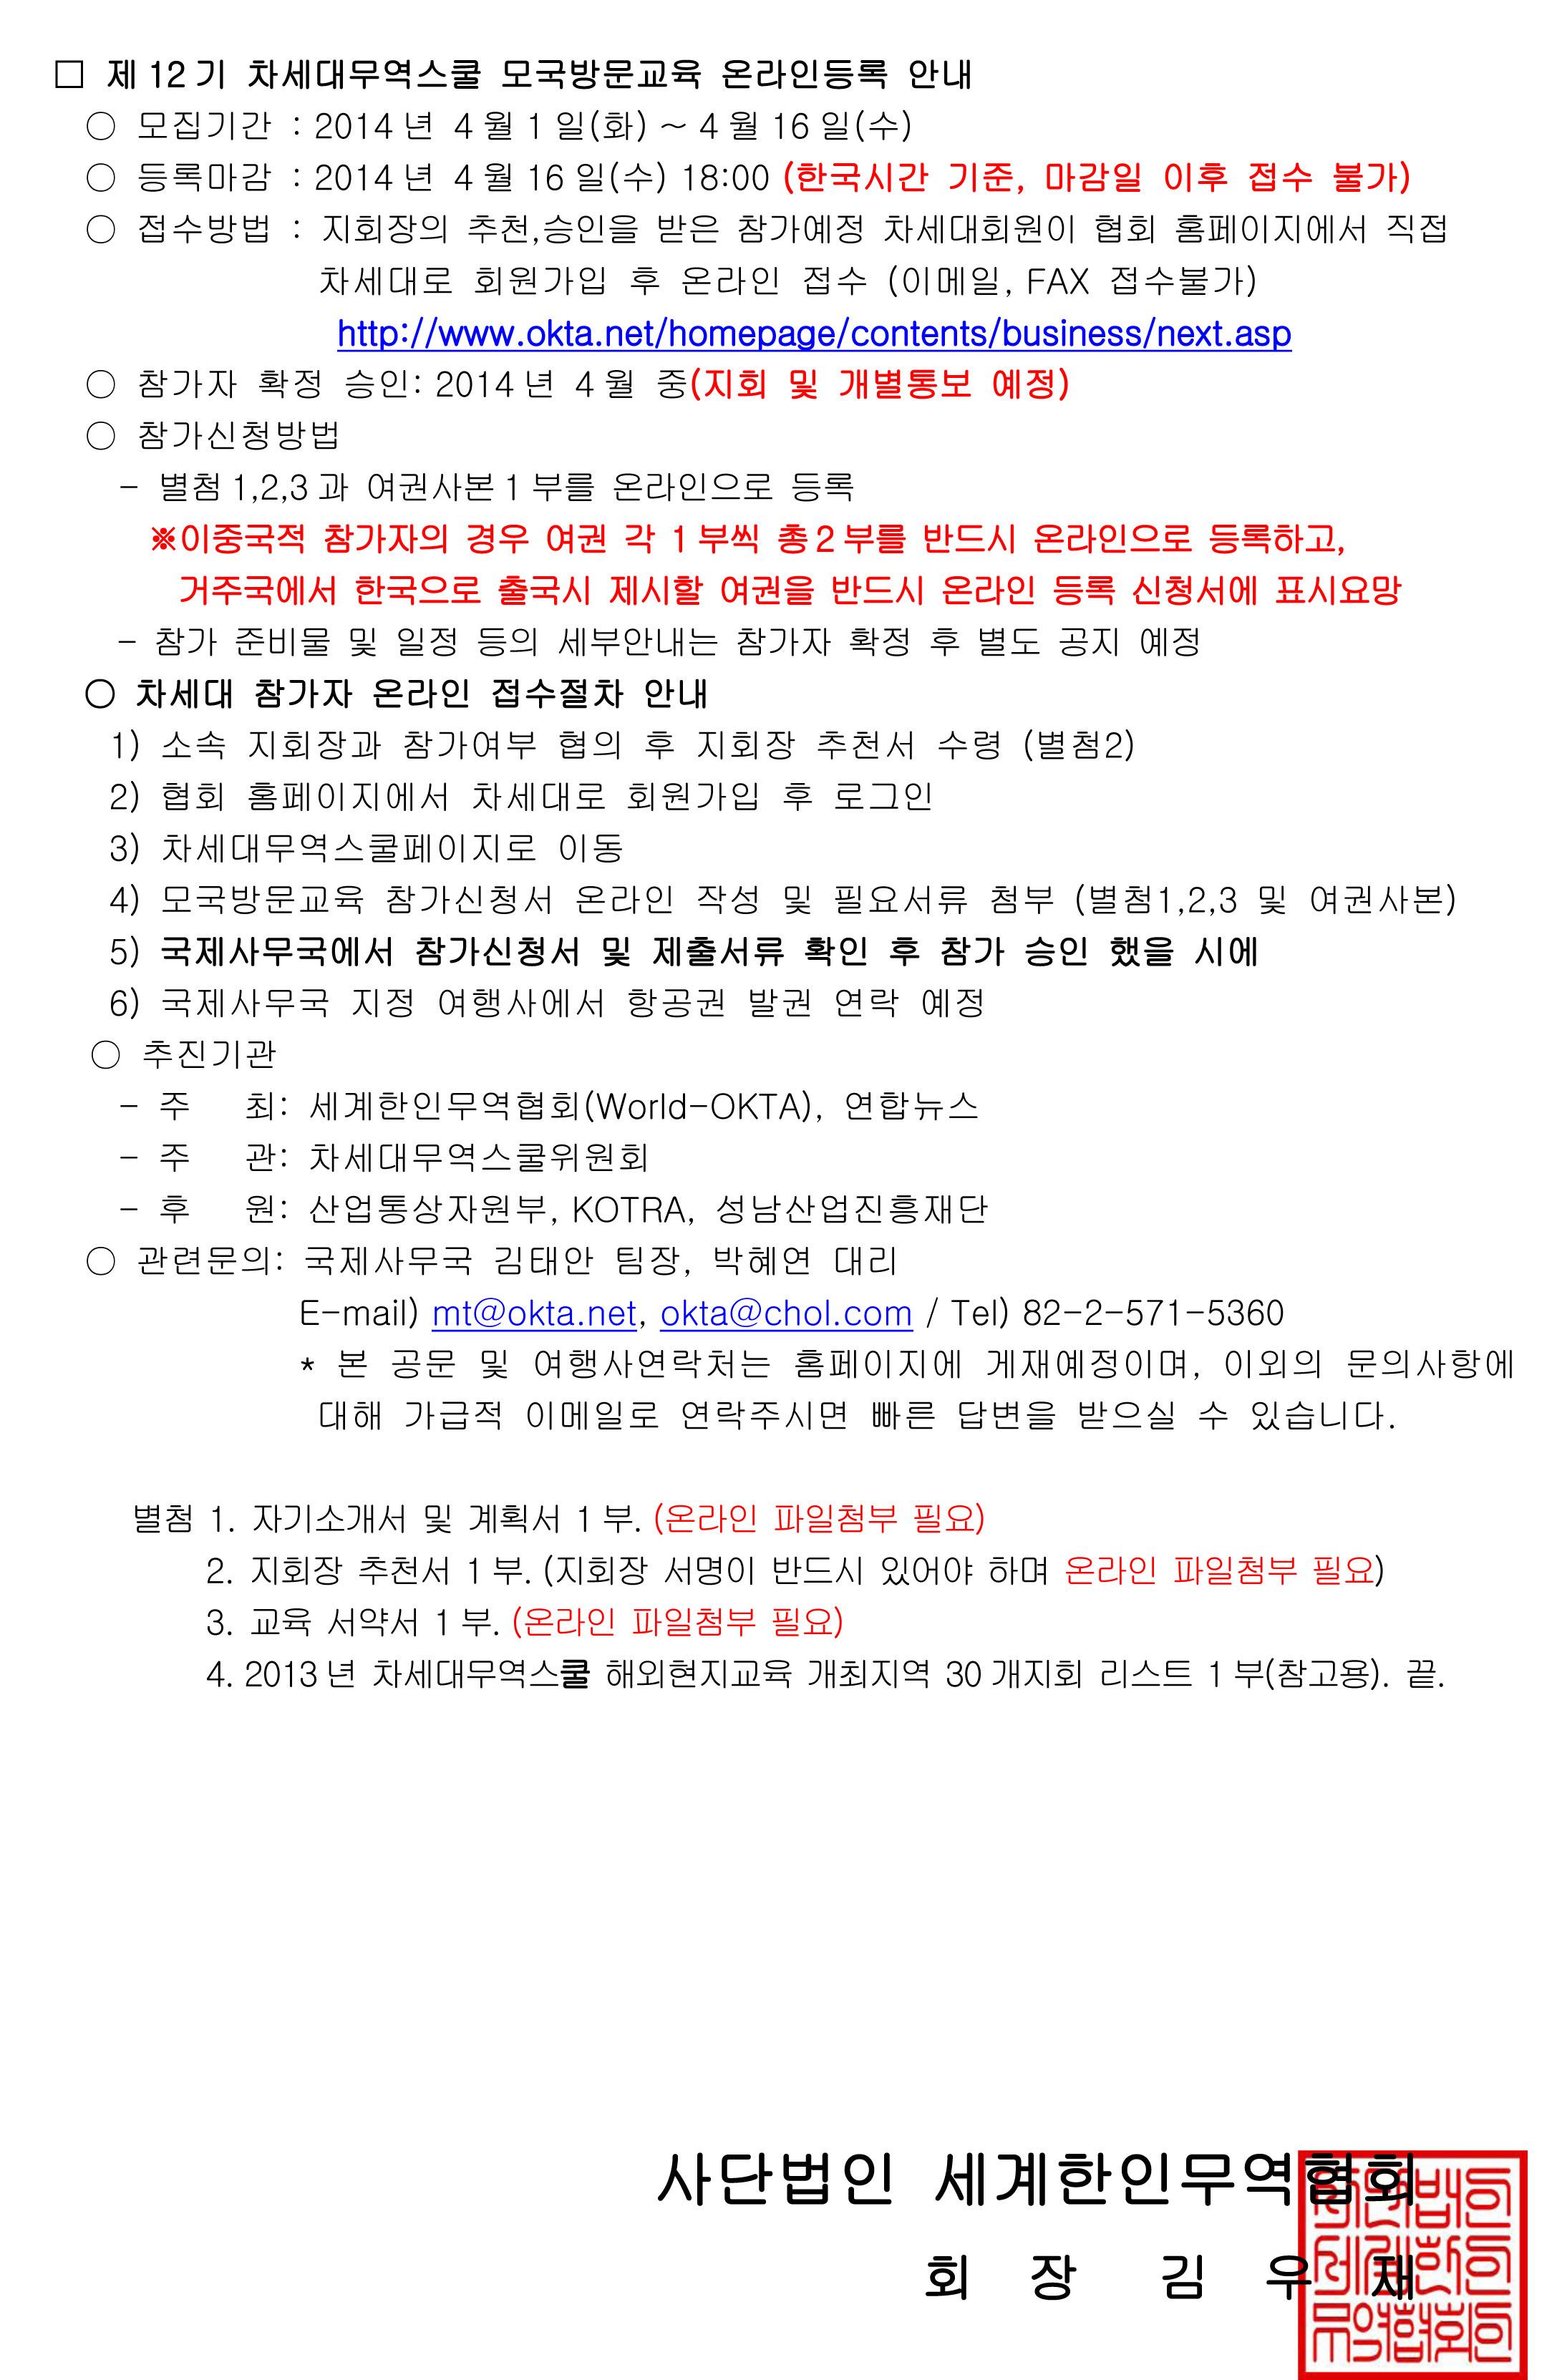 17-131 제12기 차세대무역스쿨 모국방문 신청안내-2.jpg